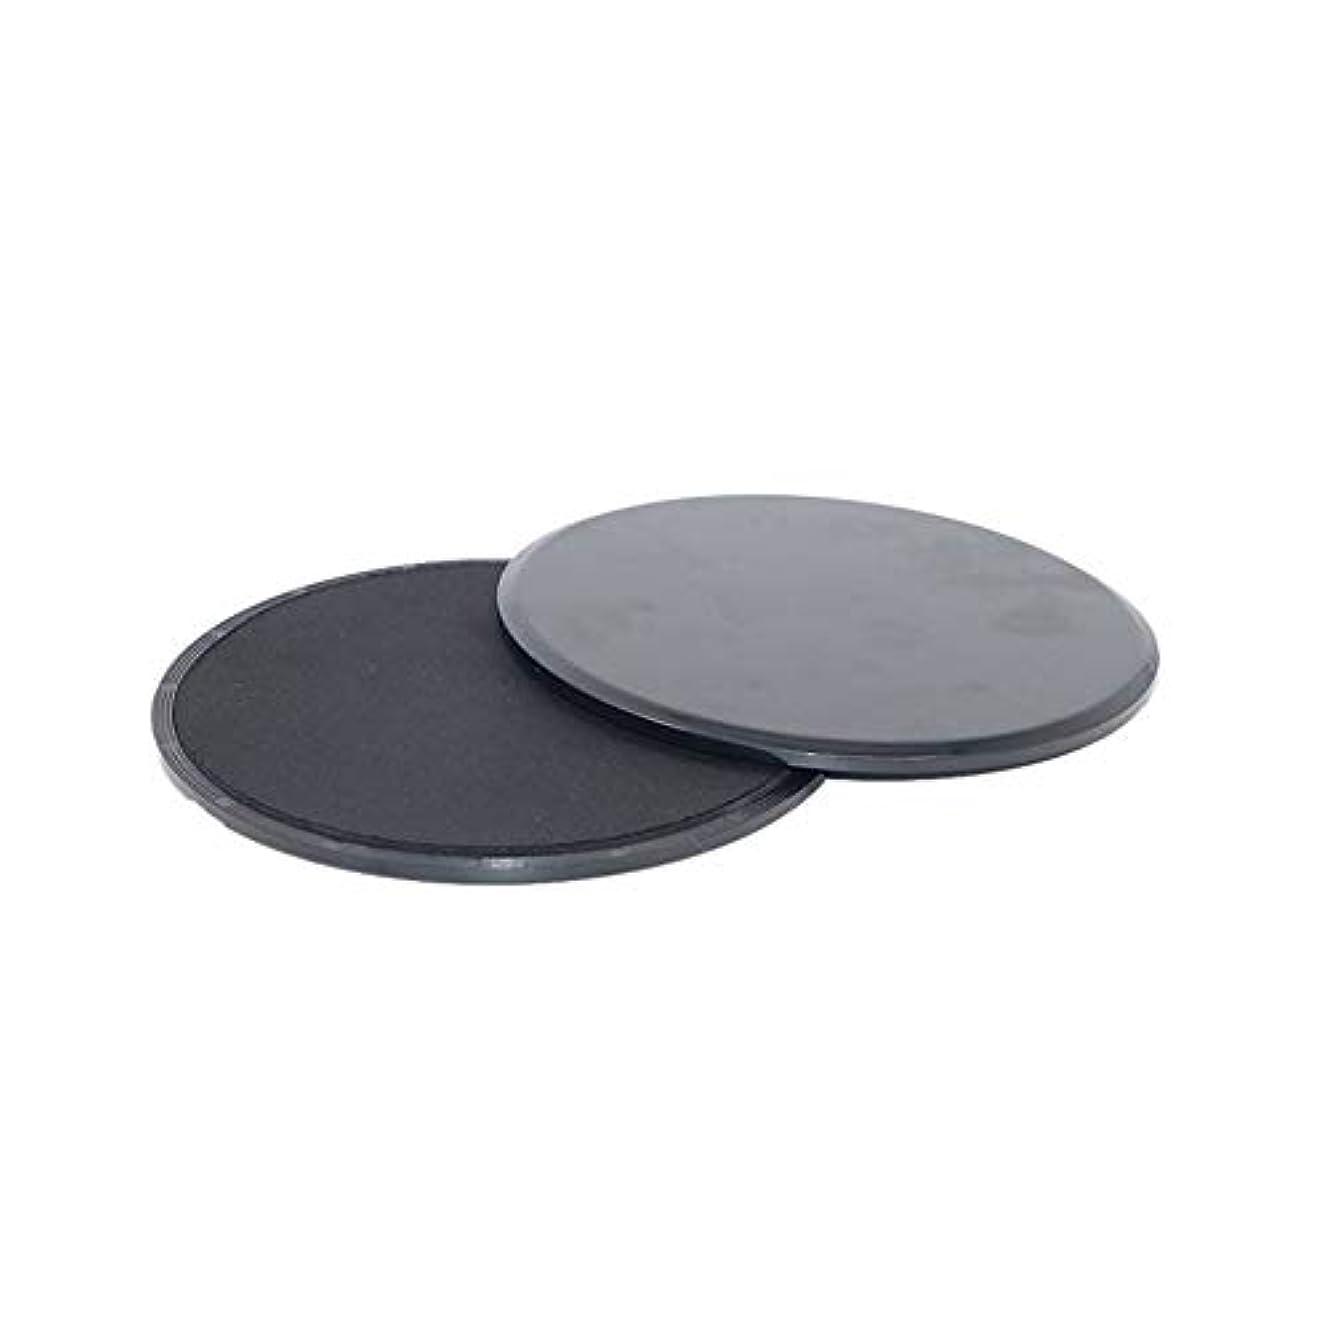 振る舞う歩行者道徳教育フィットネススライドグライディングディスクコーディネーション能力フィットネスエクササイズスライダーコアトレーニング用腹部と全身トレーニング(Color:Black)